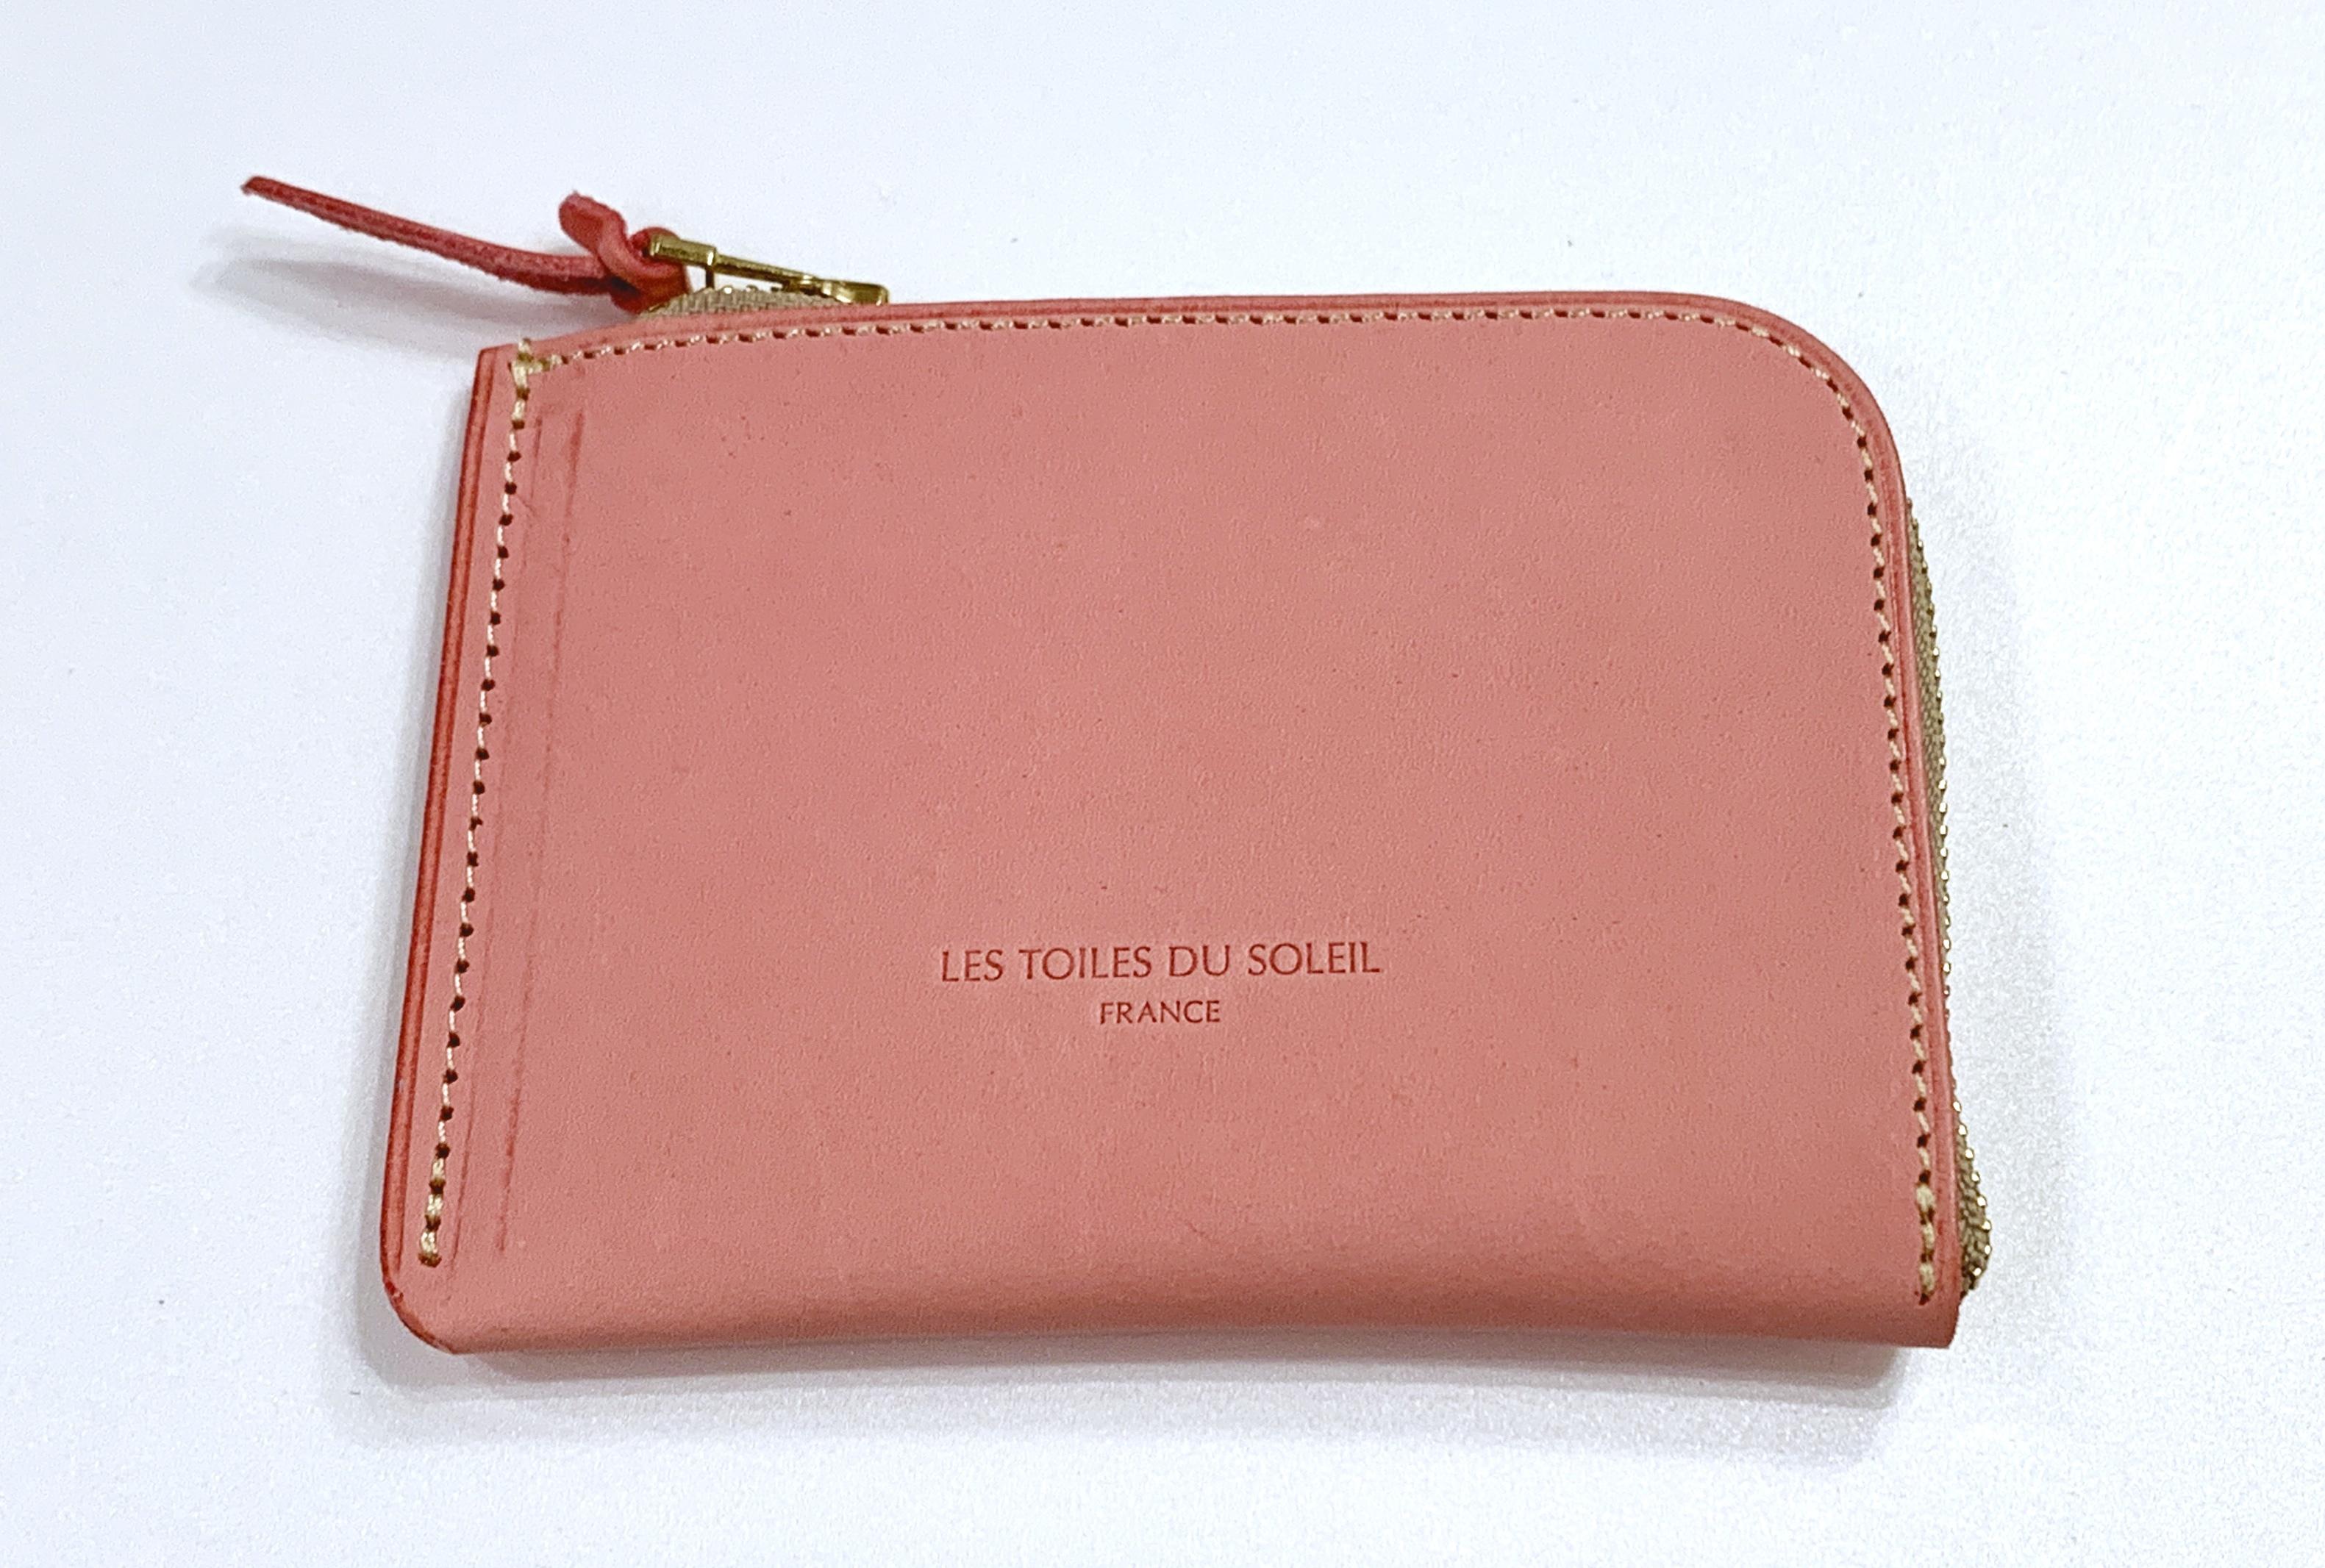 【LES TOILES DU SOLEIL】レザーミニウォレット Marie Antoinette ピンク